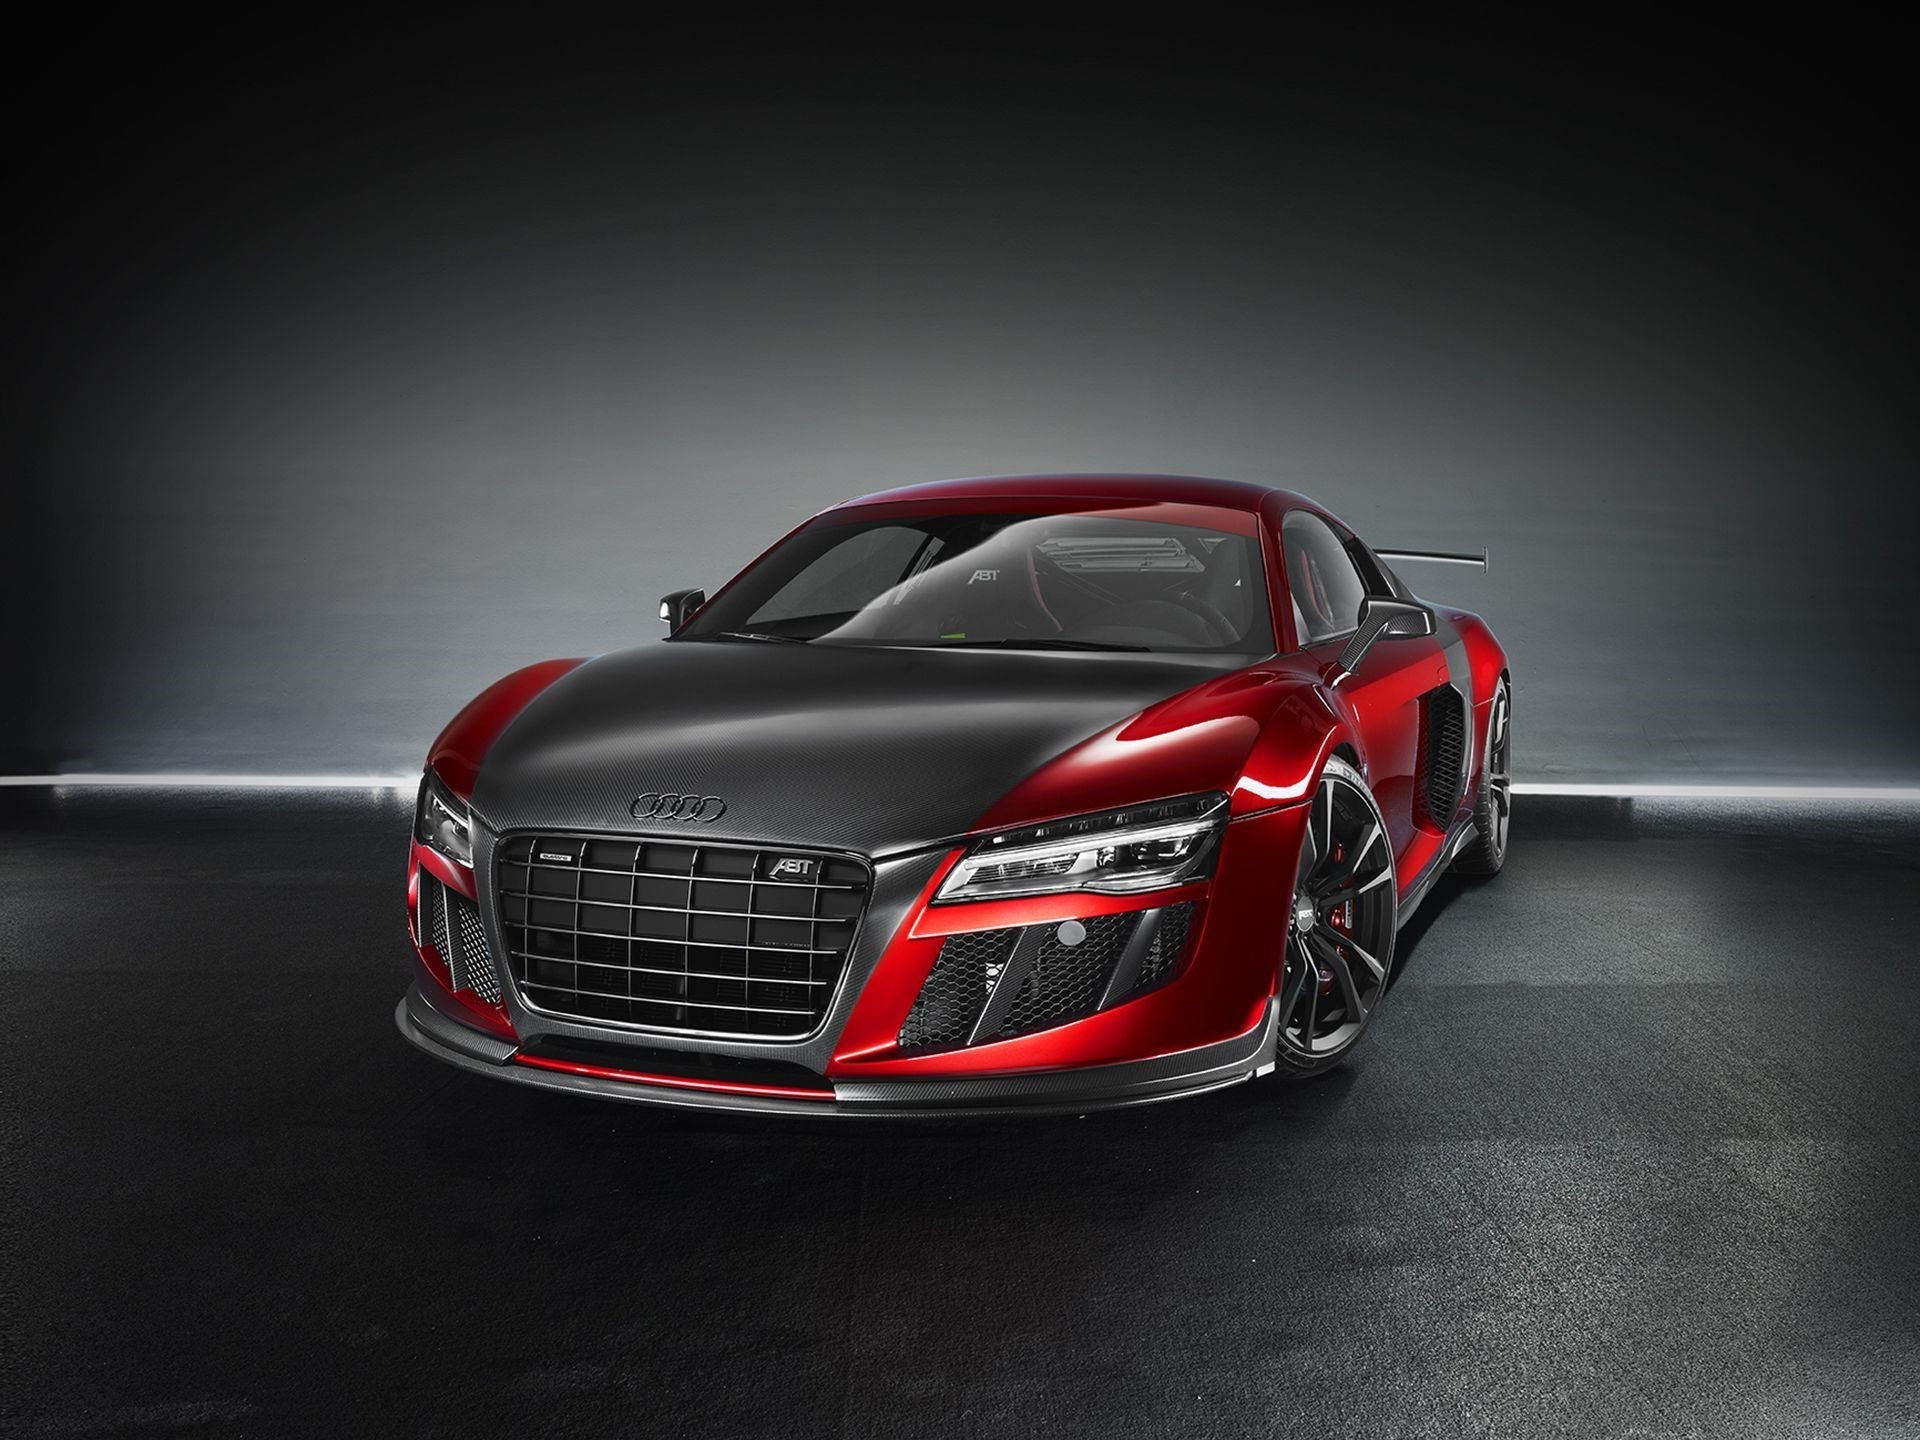 Audi R8 Front images